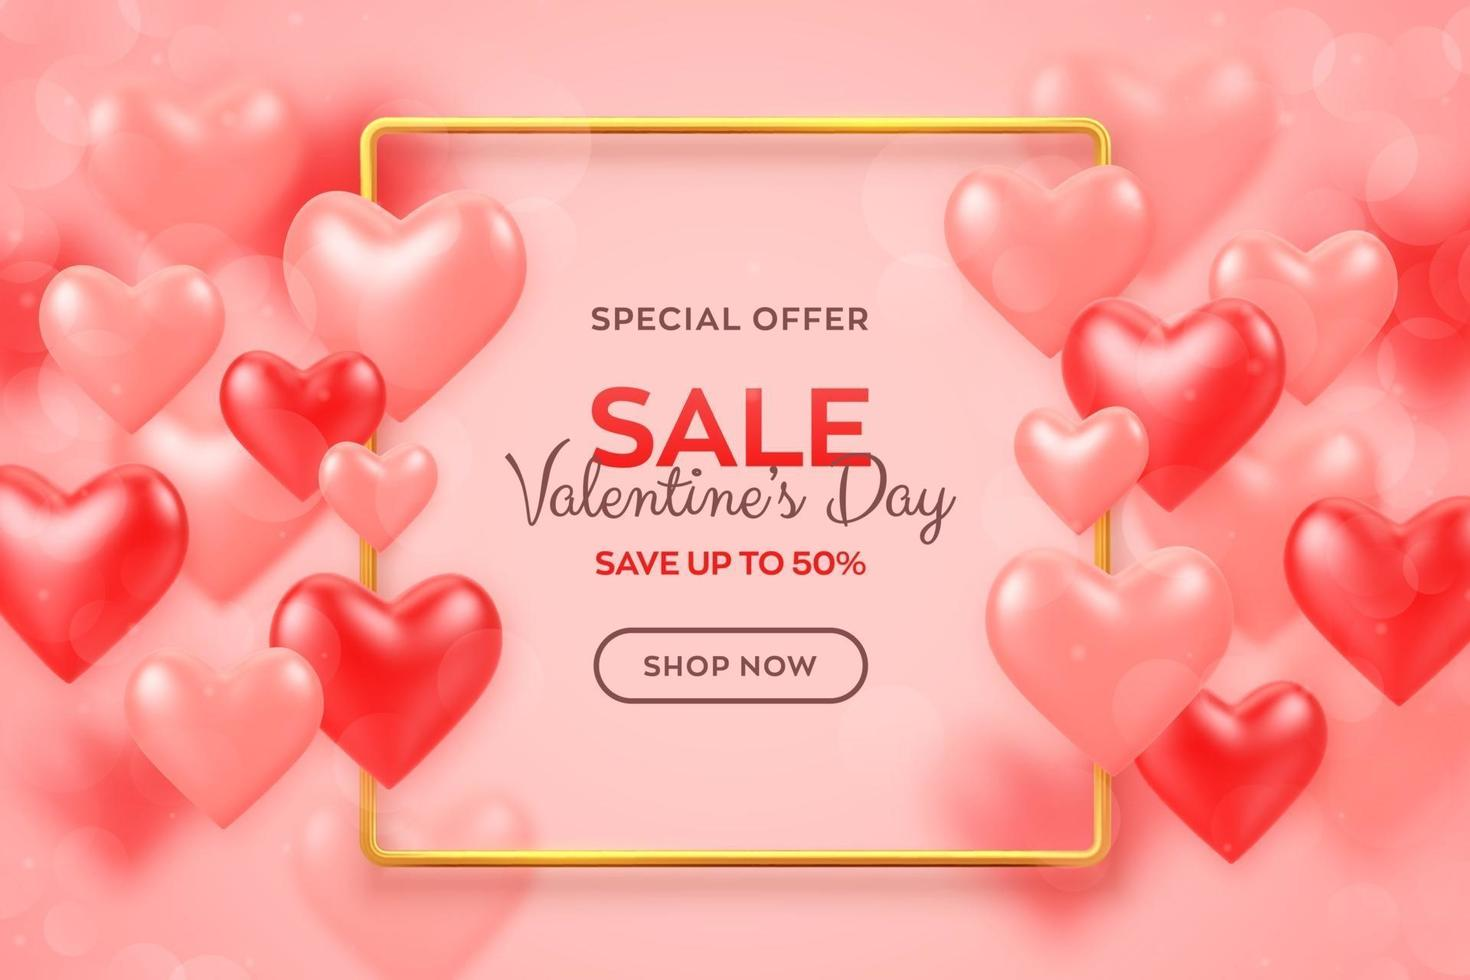 fröhlichen Valentinstag. Valentinstag Verkauf Banner mit roten und rosa Luftballons 3d Herzen Hintergrund mit metallischen goldenen Rahmen. Flyer, Einladung, Plakat, Broschüre, Grußkarte. vektor